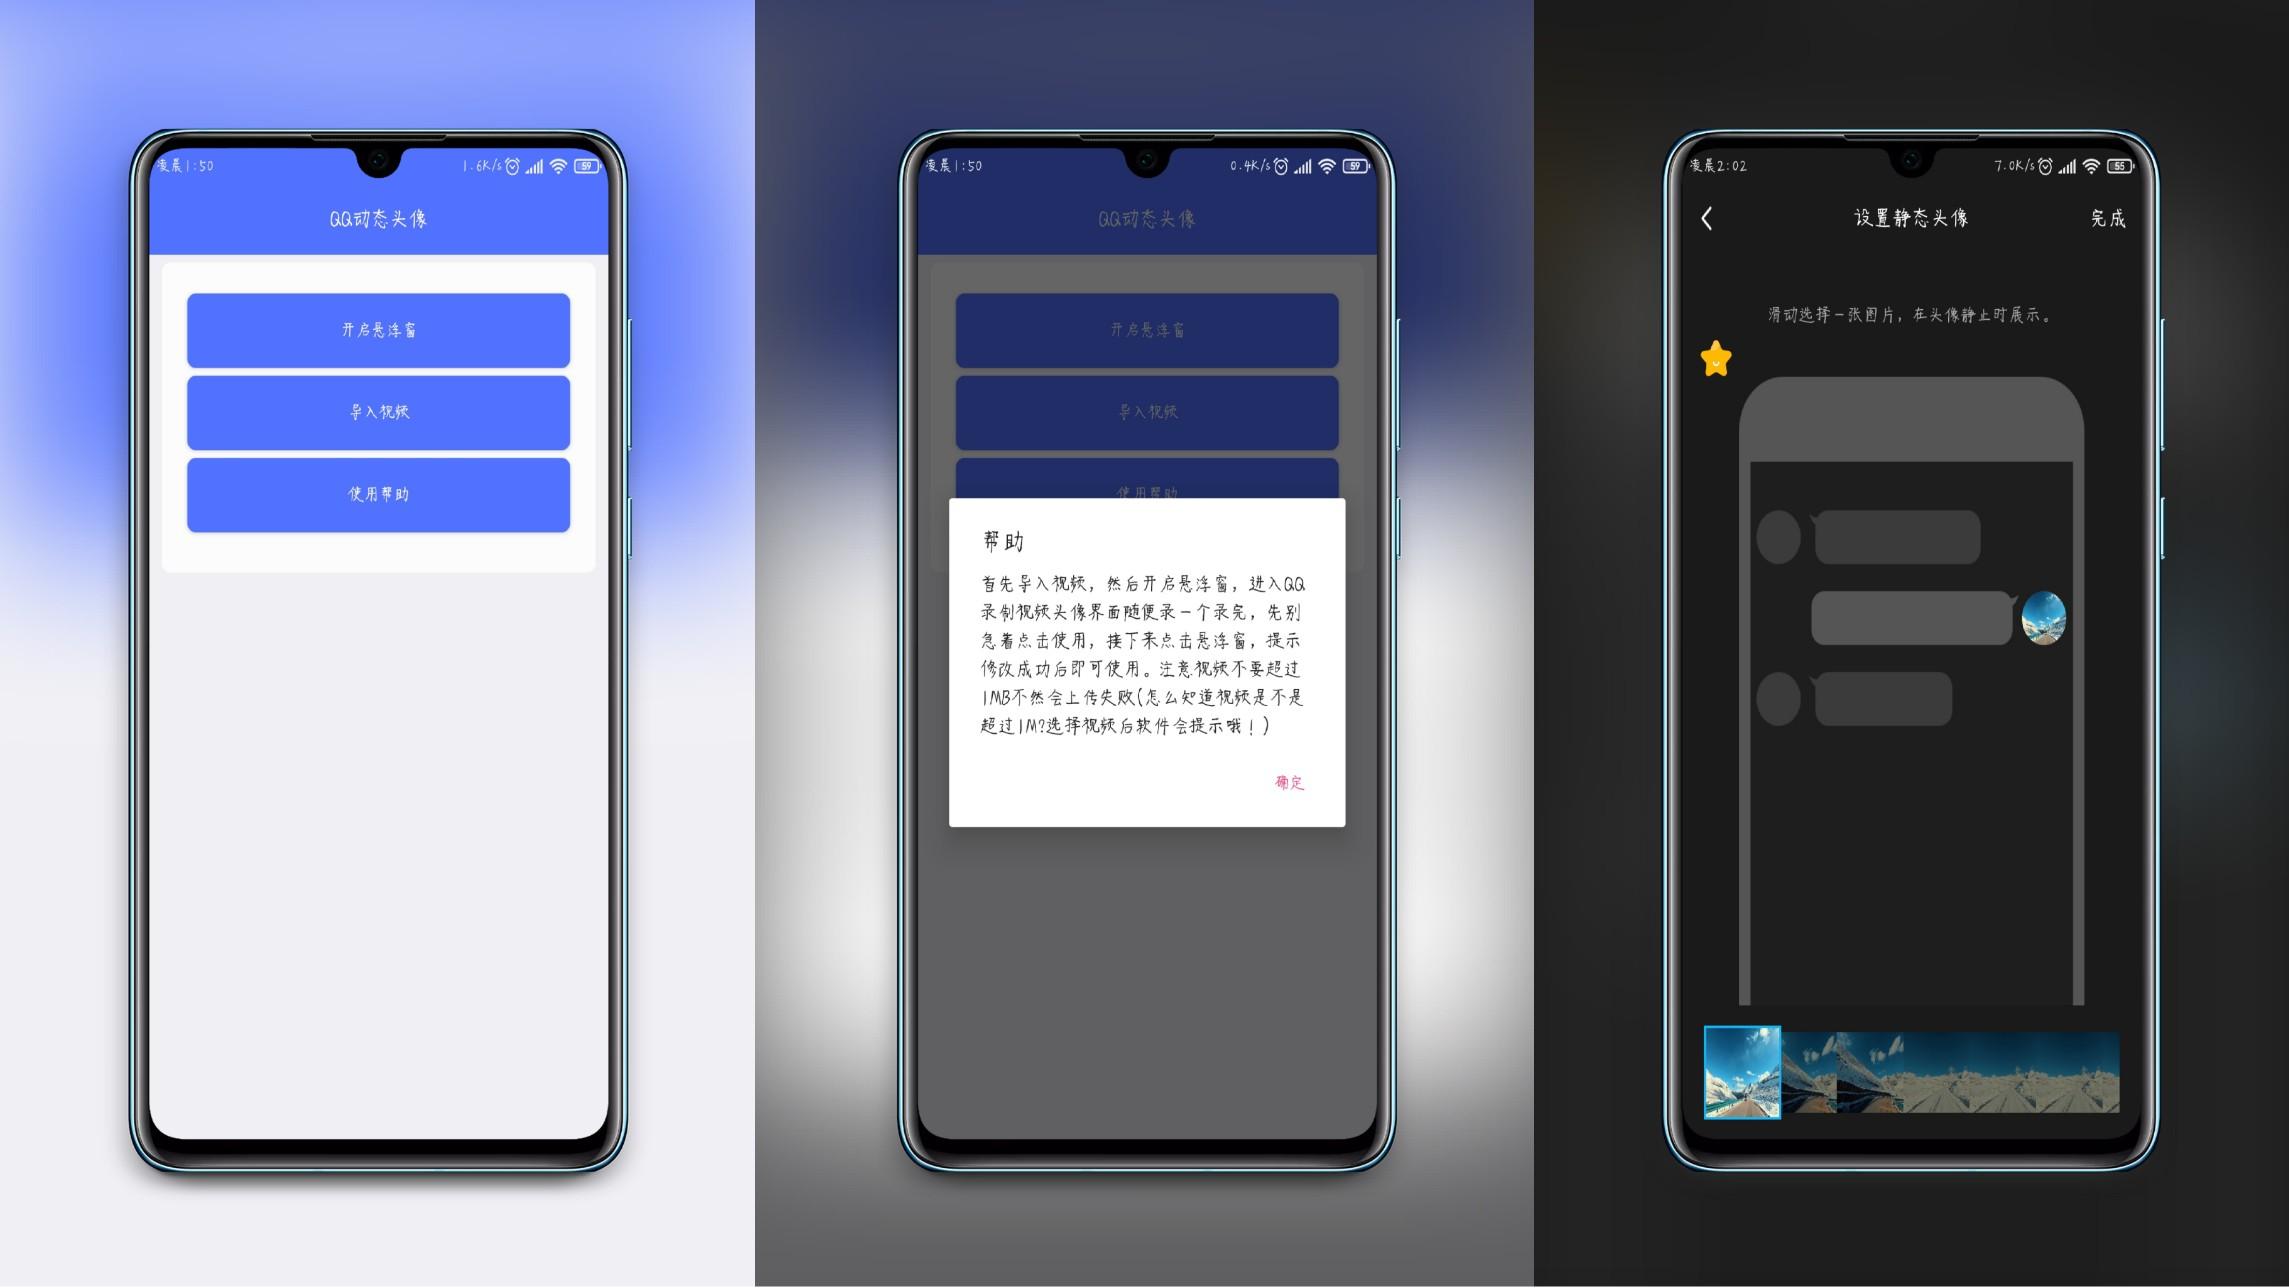 新版安卓版QQ动态头像